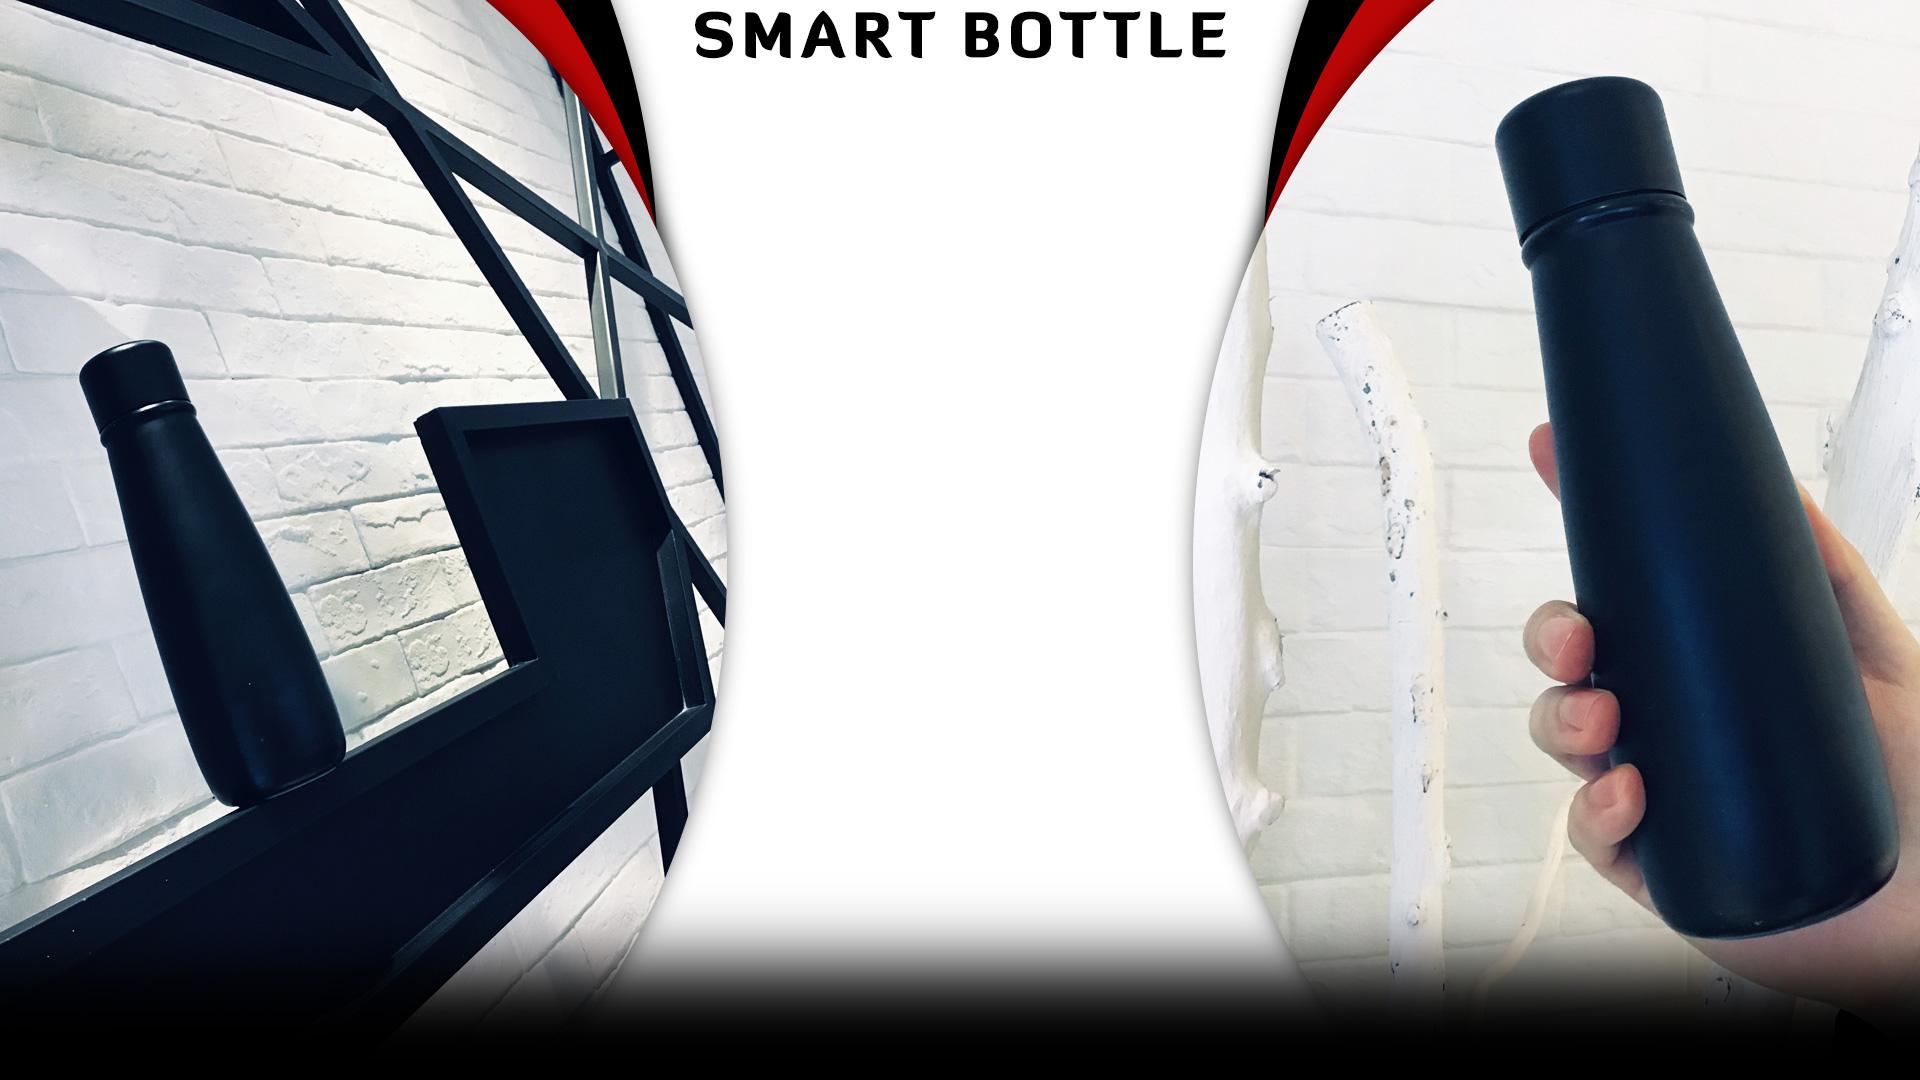 UMAX Smart Bottle